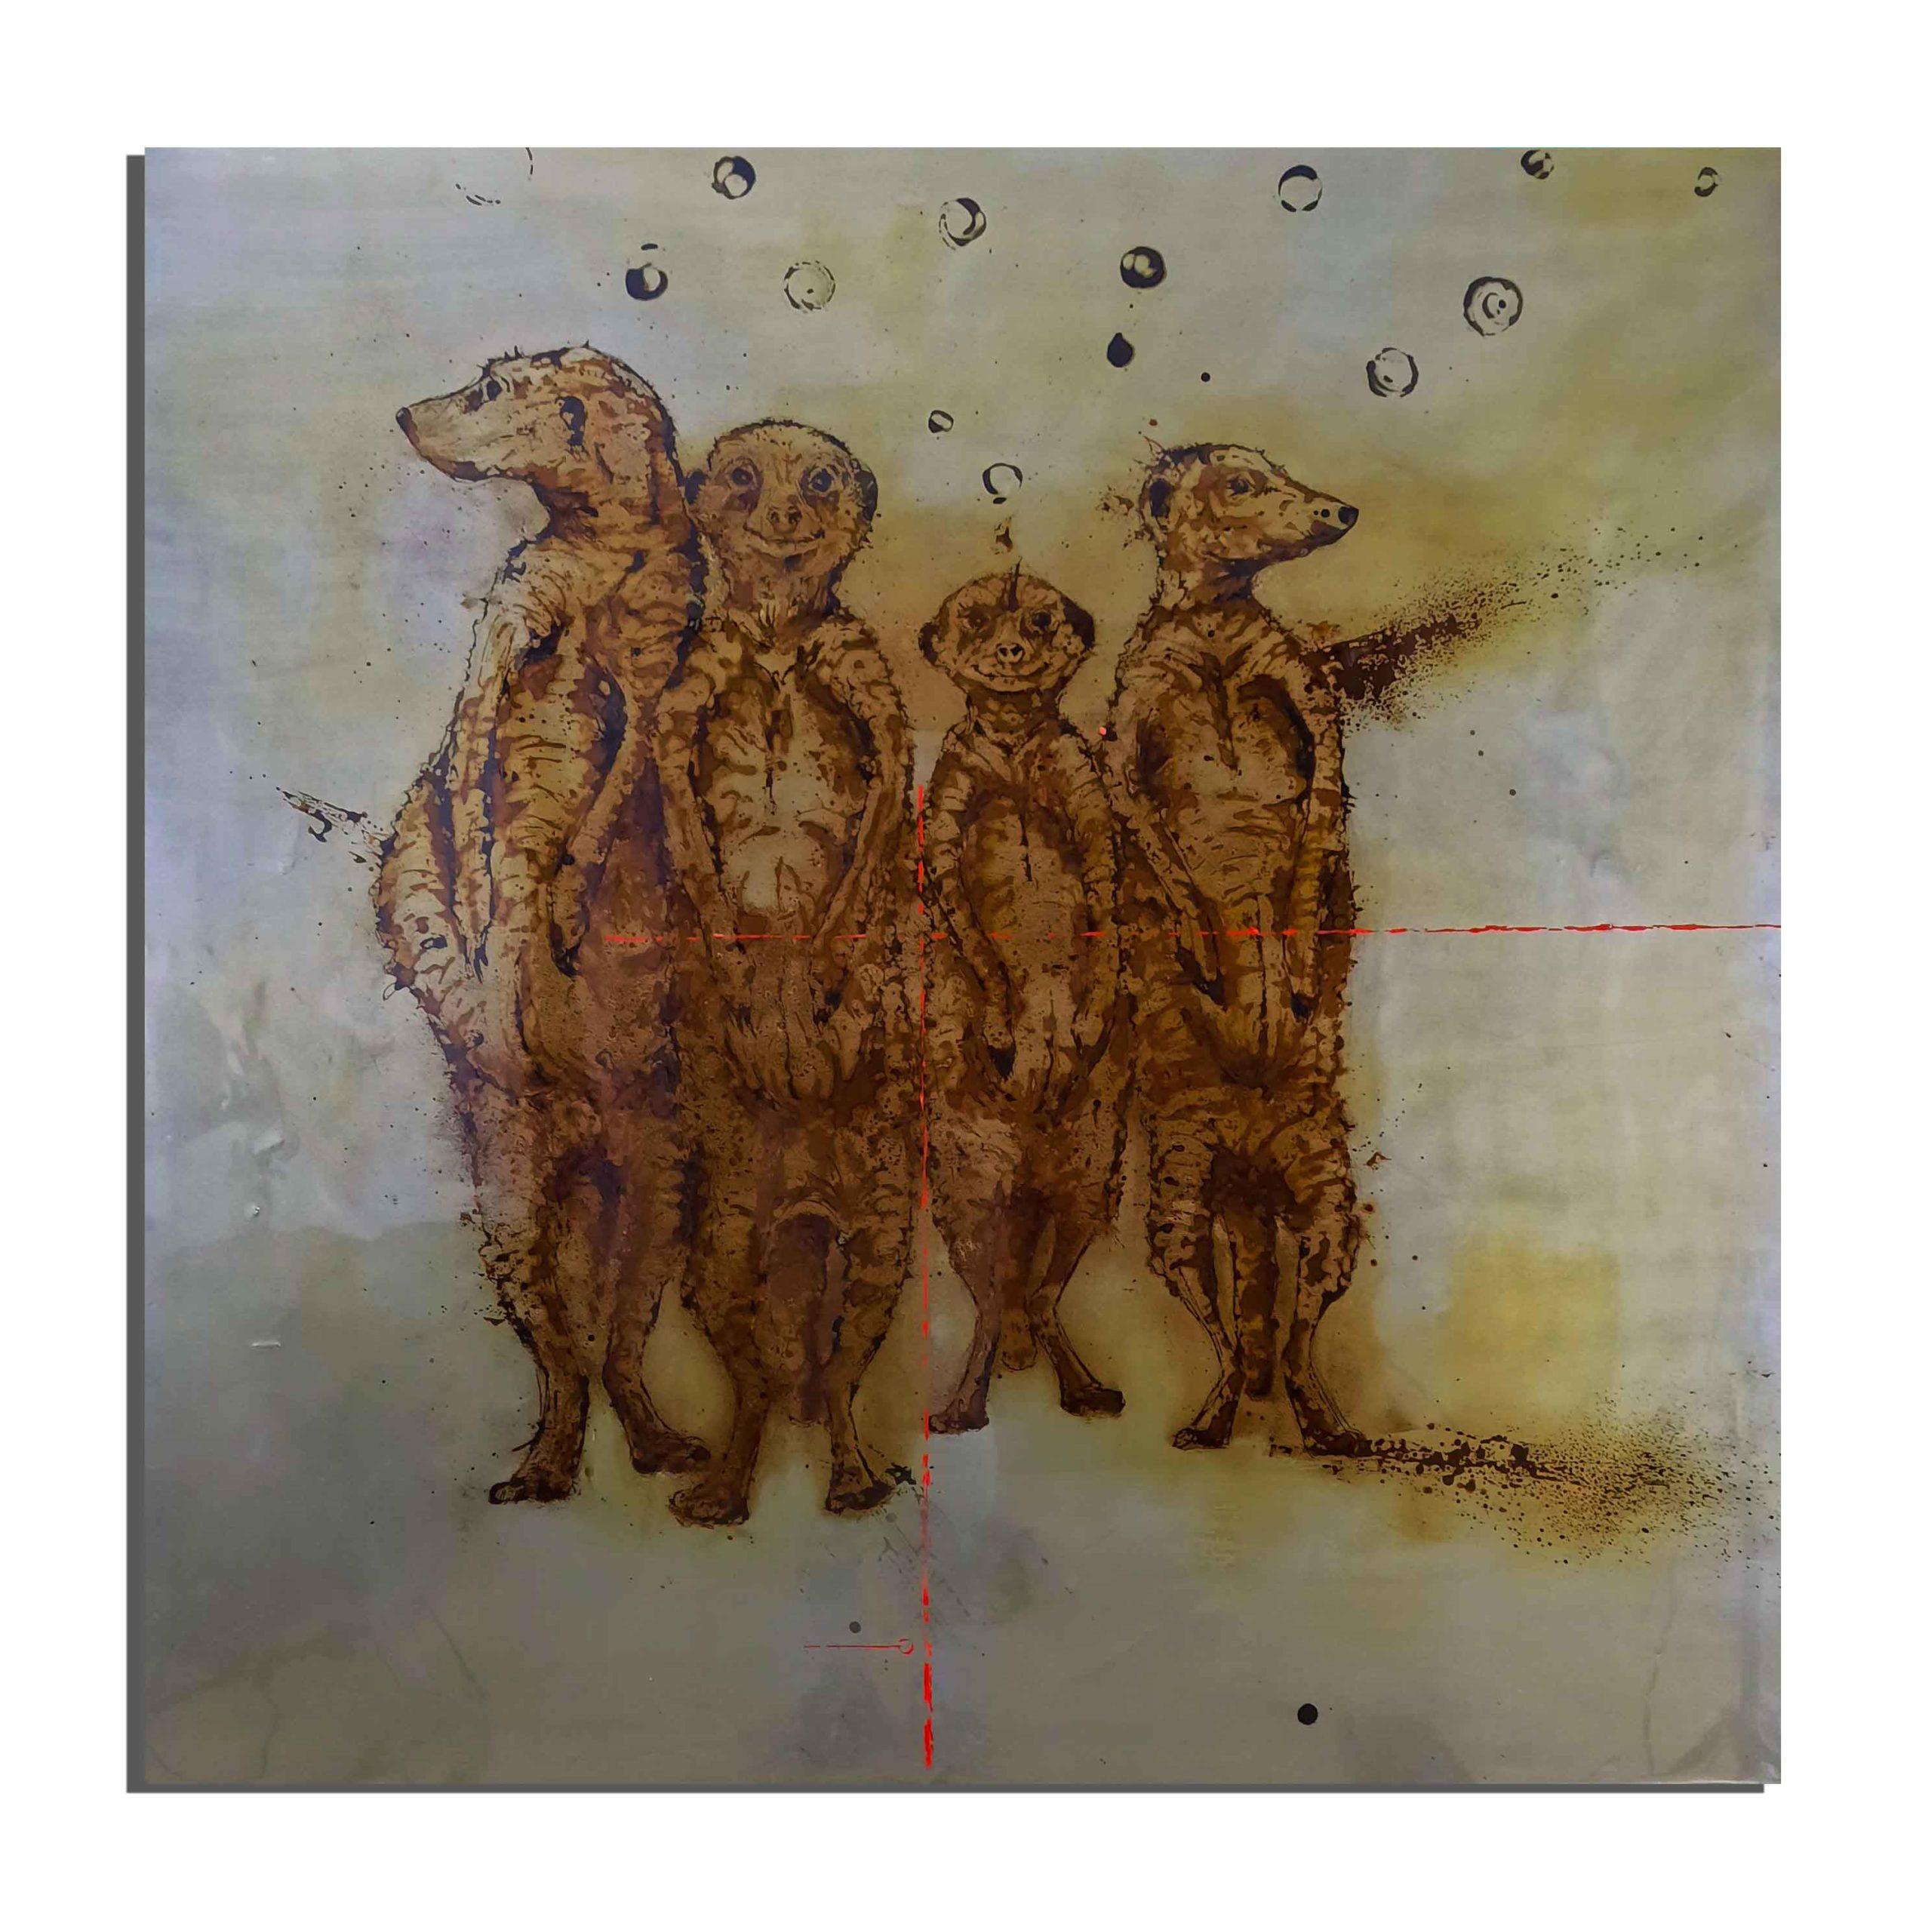 Suricates de rouille faits avec du vinaigre et de l'eau du golfe du Lion (France) - projet Water Is Life, Christophe Monteil, Art 4 Nature